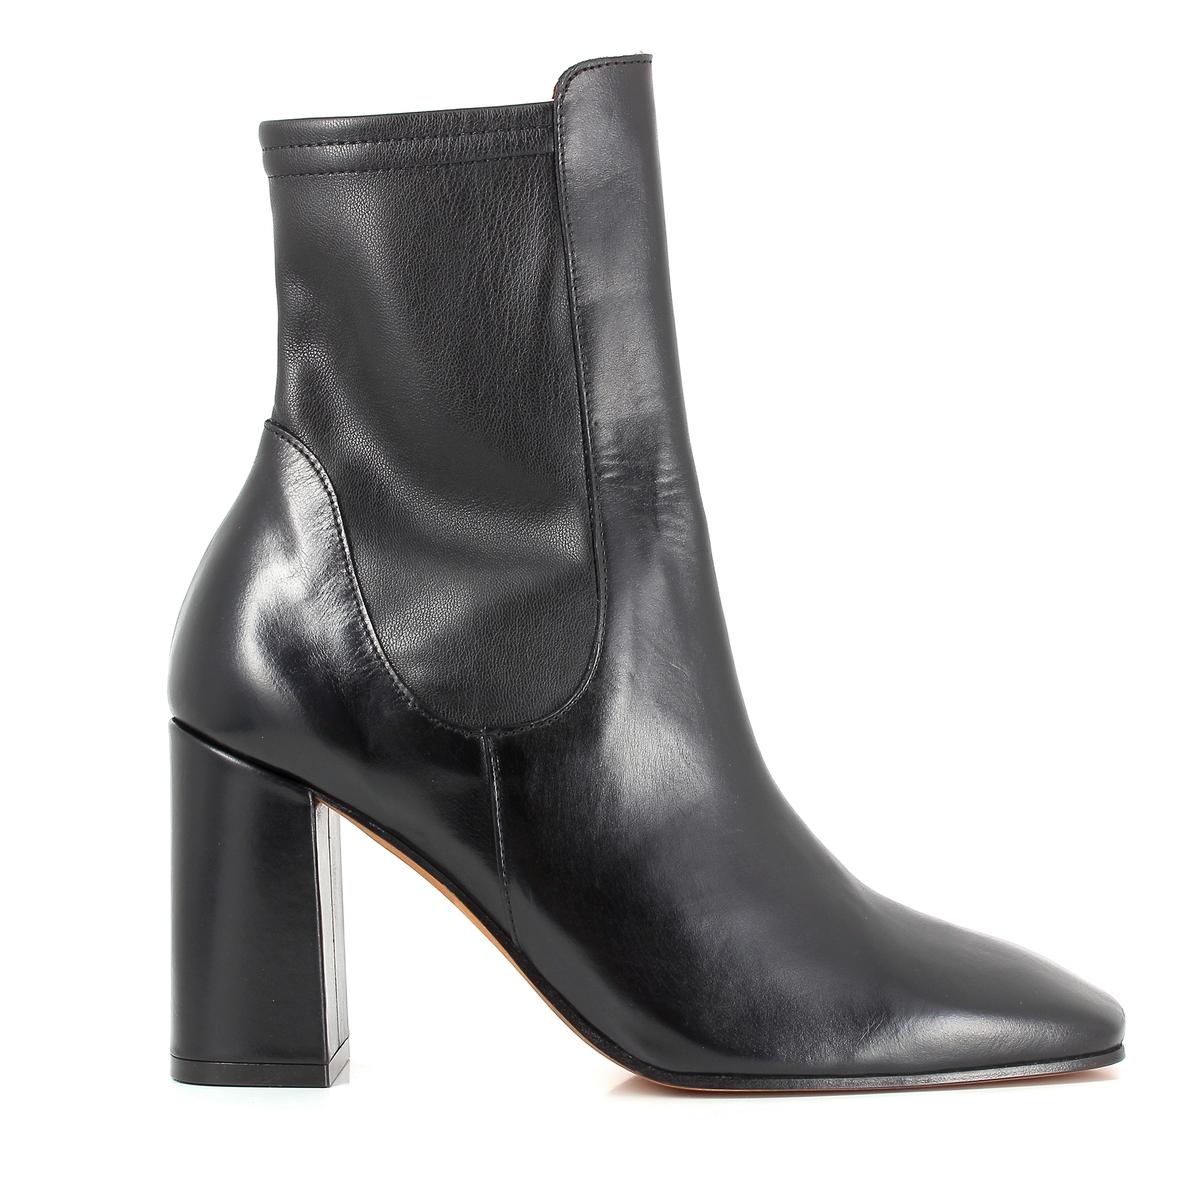 Ботильоны на каблуке PIDGIВерх/ Союзка : Кожа быка и синтетика    Подкладка : Кожа    Стелька : Кожа    Подошва : Кожа     Высота каблука : 8,7 cm   Форма каблука : Широкий  Носок : Квадратный мысок          Застежка : На молнии<br><br>Цвет: черный<br>Размер: 41